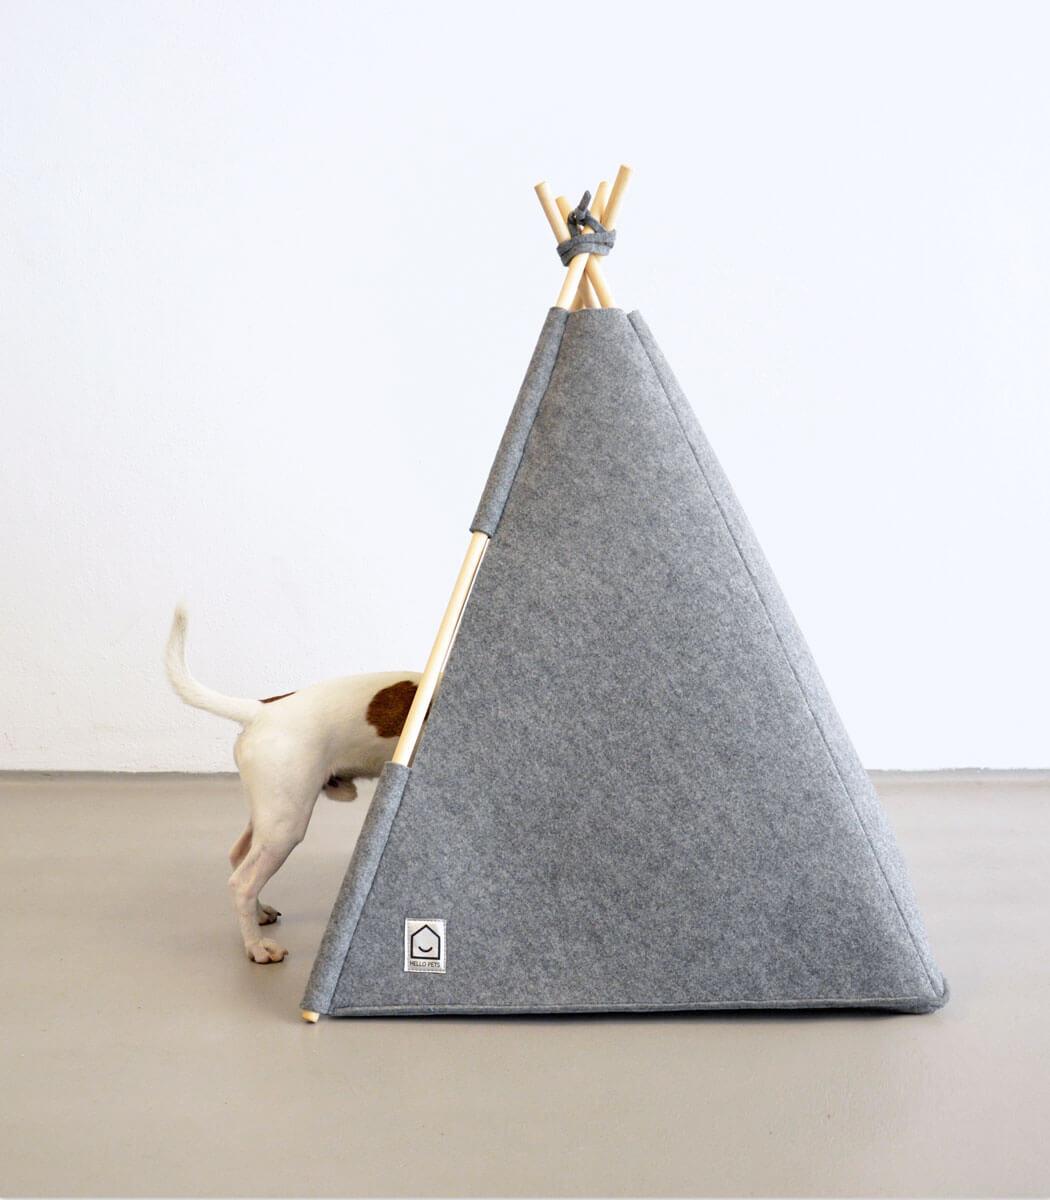 Schöne Hundebetten wie viele hundebetten hat eigentlich dein hund und sind sie schick